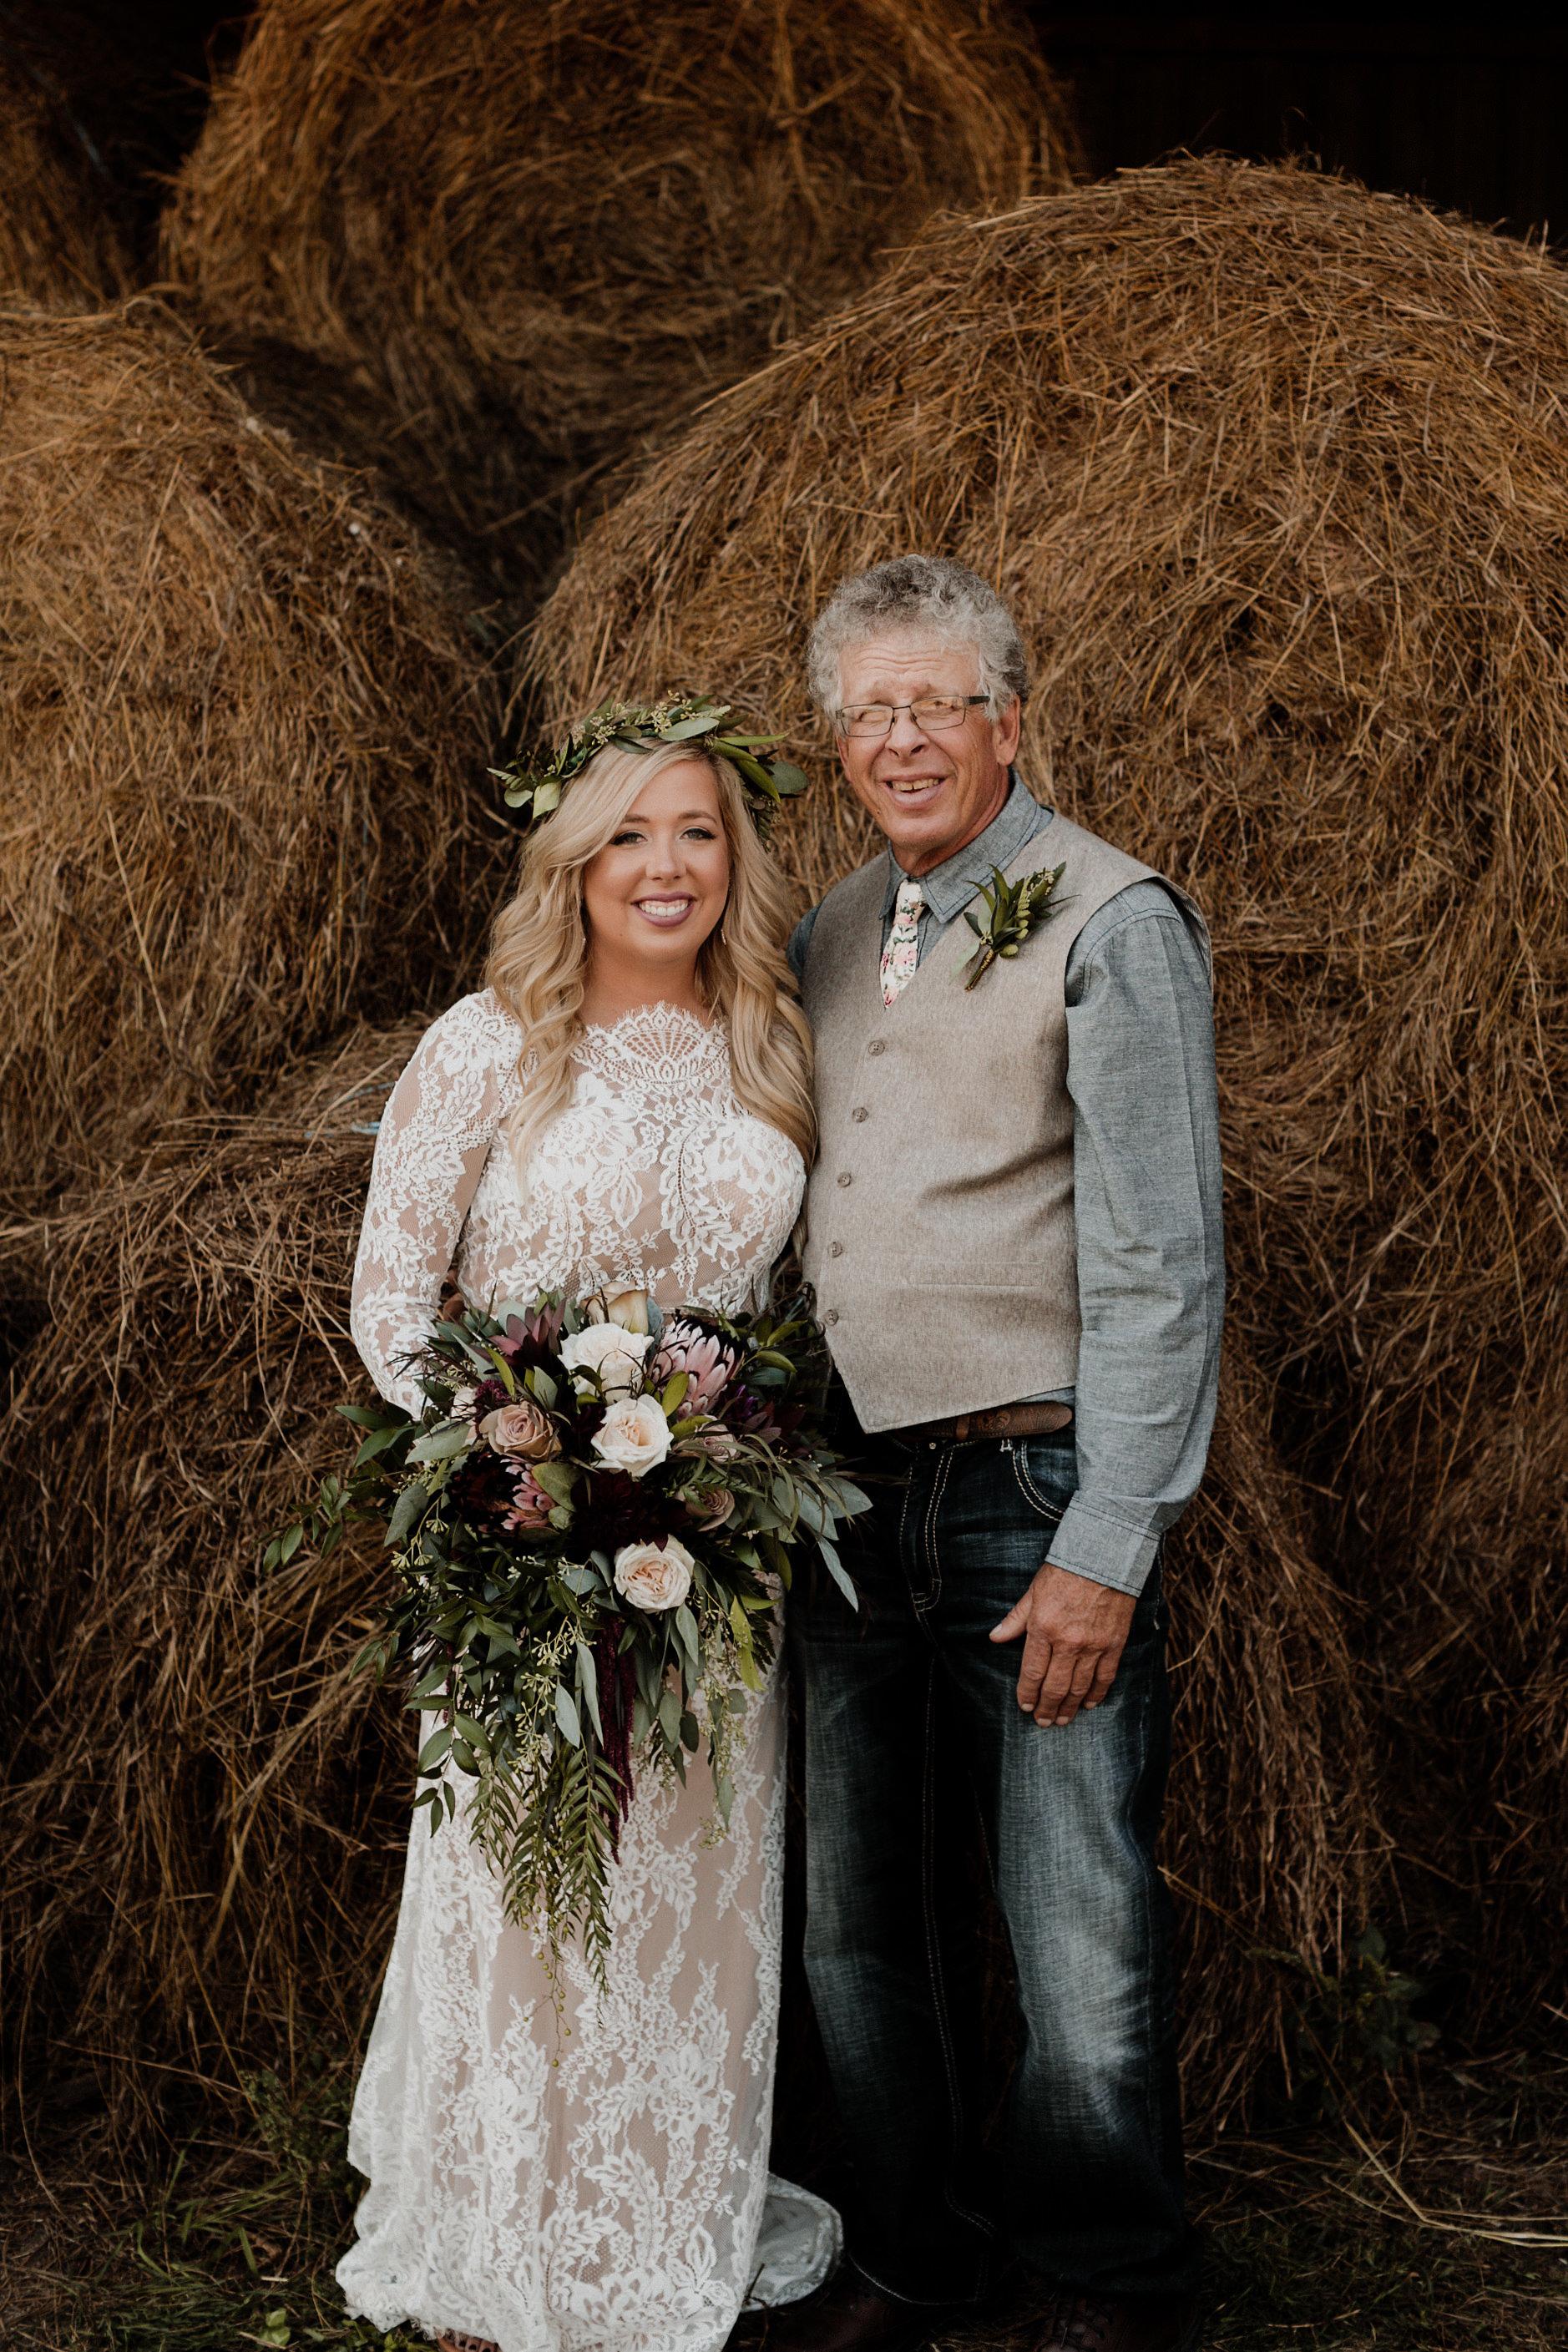 Skylar+Brock_Wedding_TonyaHjortPhotography-485.jpg